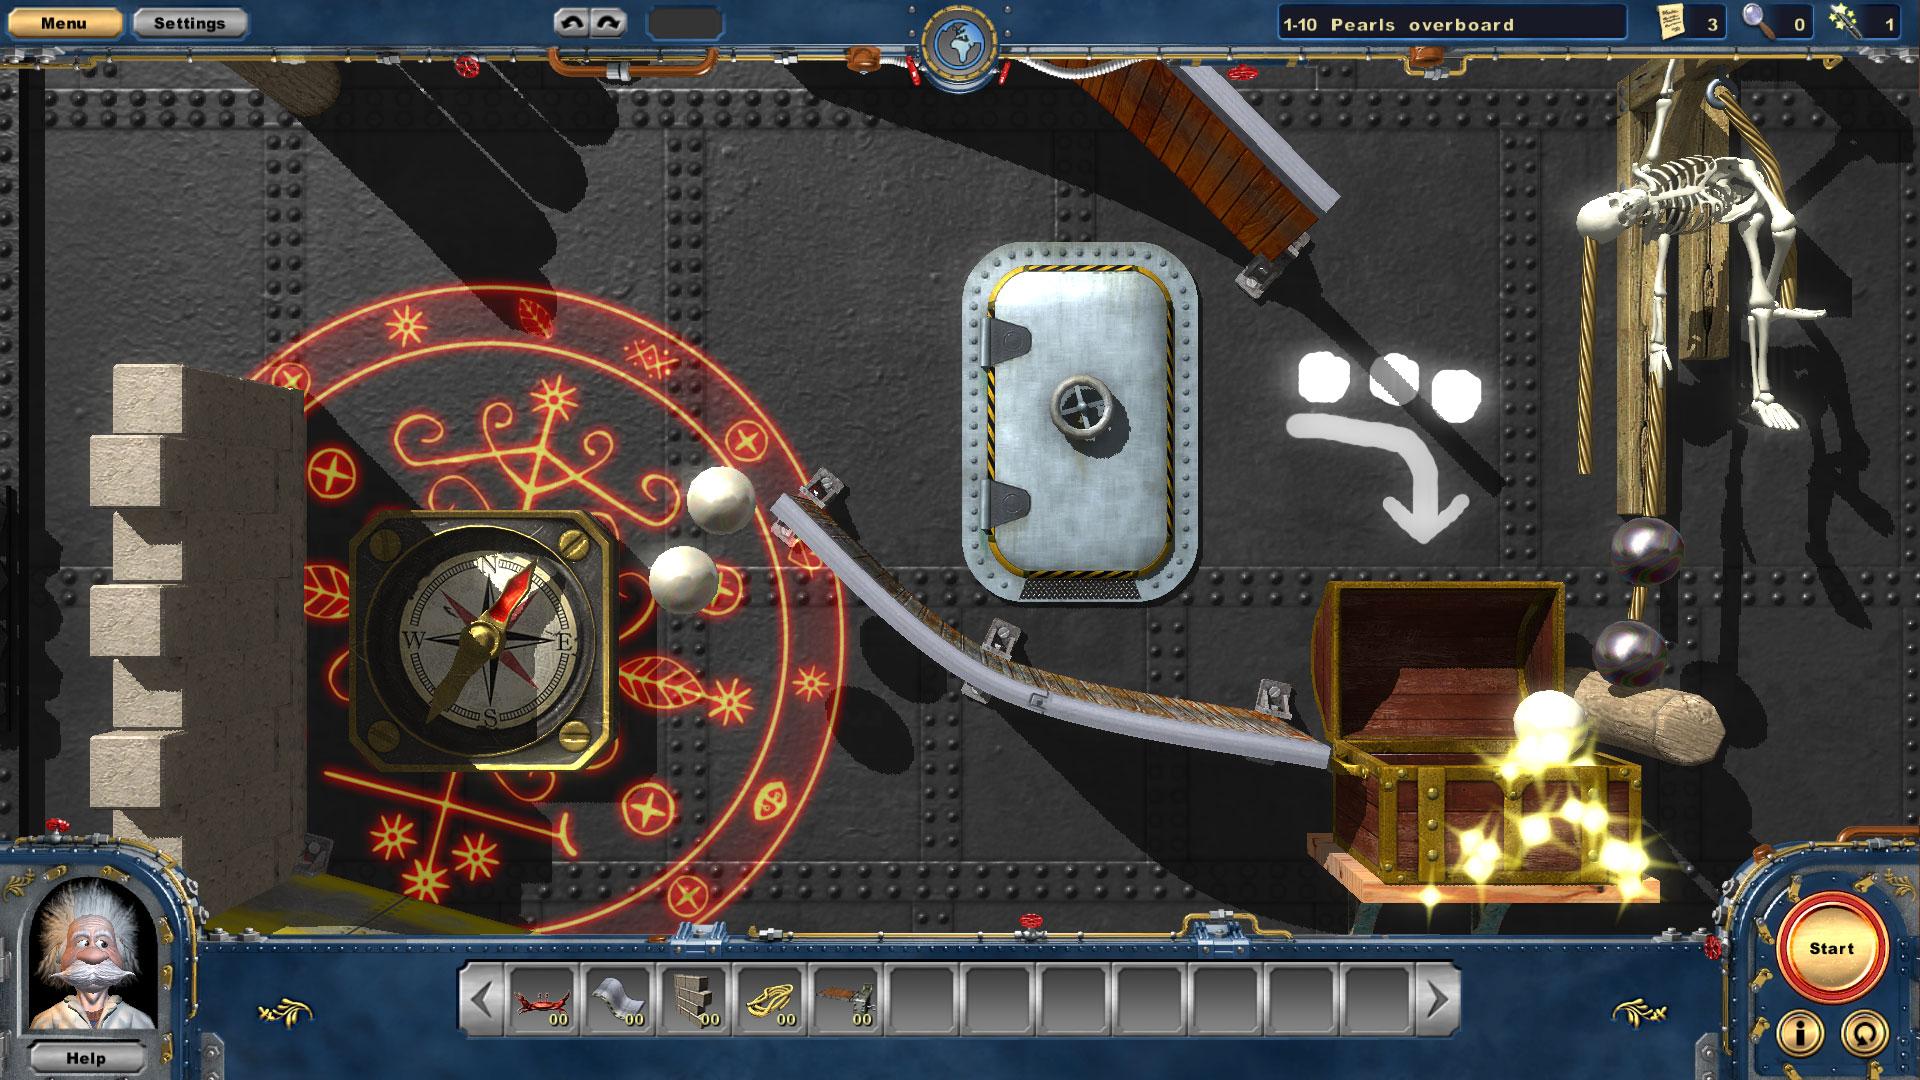 Recensione Chance Machine 100 e altri giochi